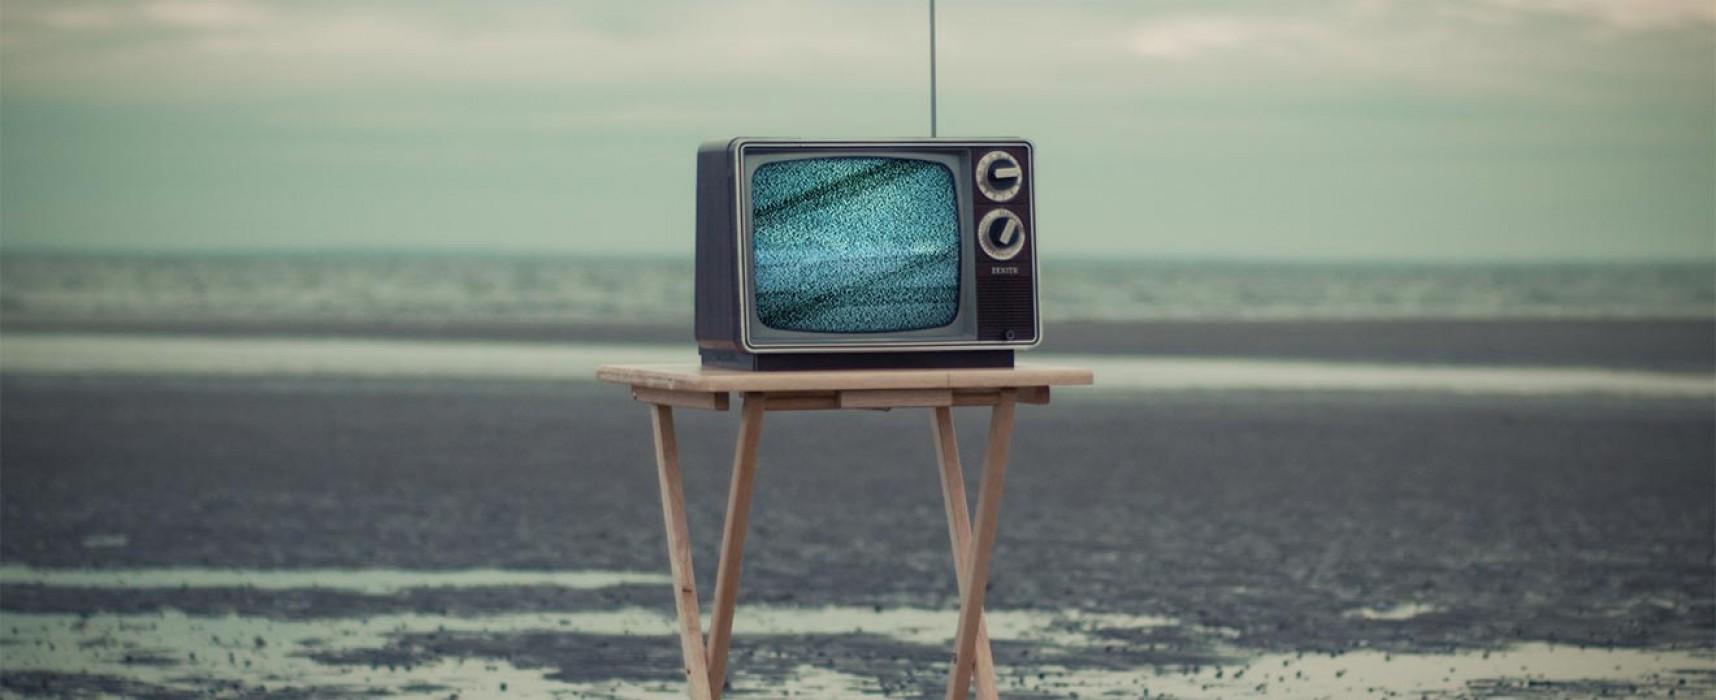 Игорь Яковенко: инструкция по самостоятельному спасению для утопающего в океане пропаганды